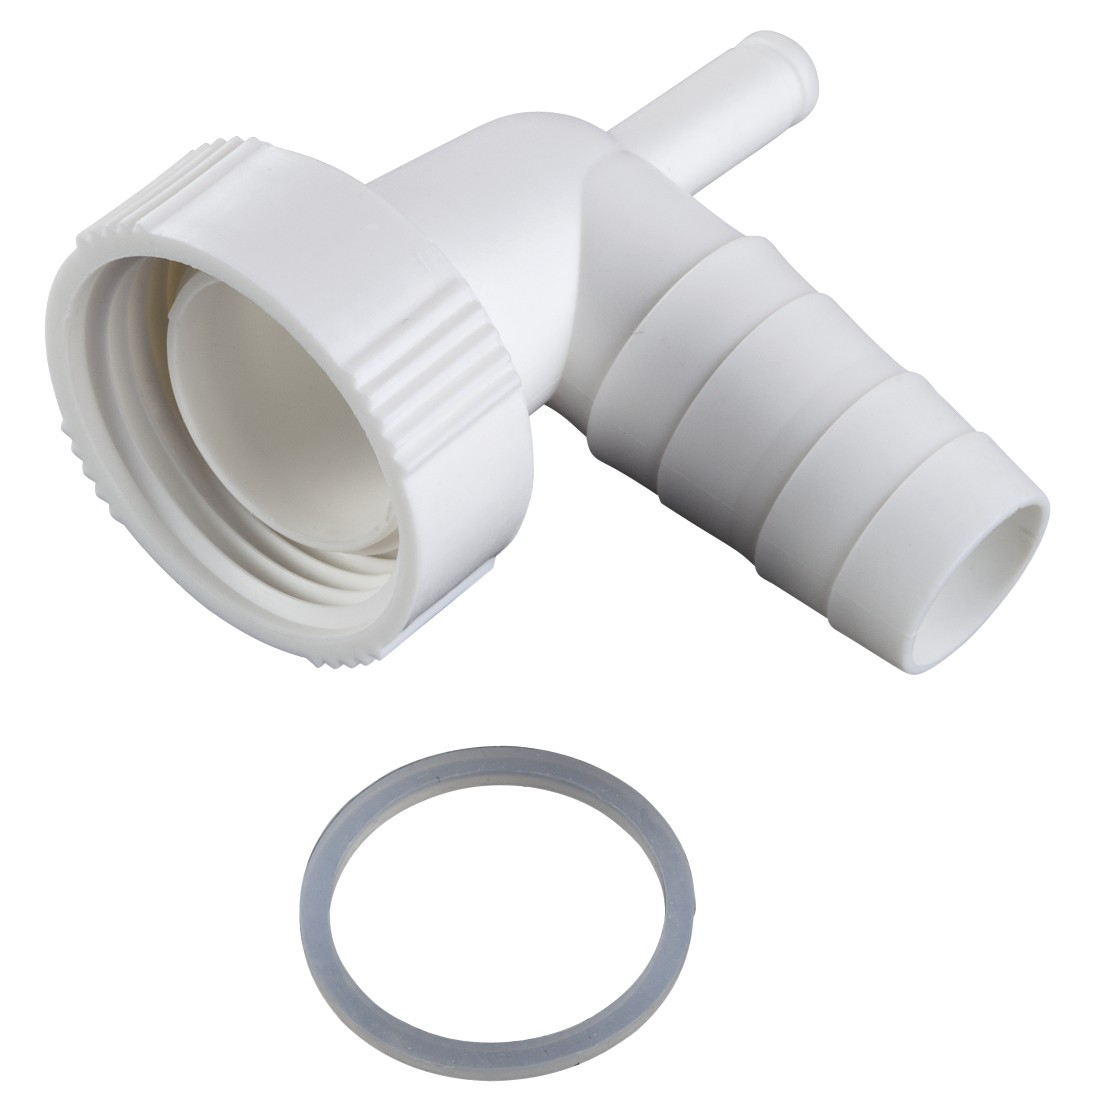 00110928 xavax siphonanschluss mit kondensatanschluss xavax die starke marke im. Black Bedroom Furniture Sets. Home Design Ideas